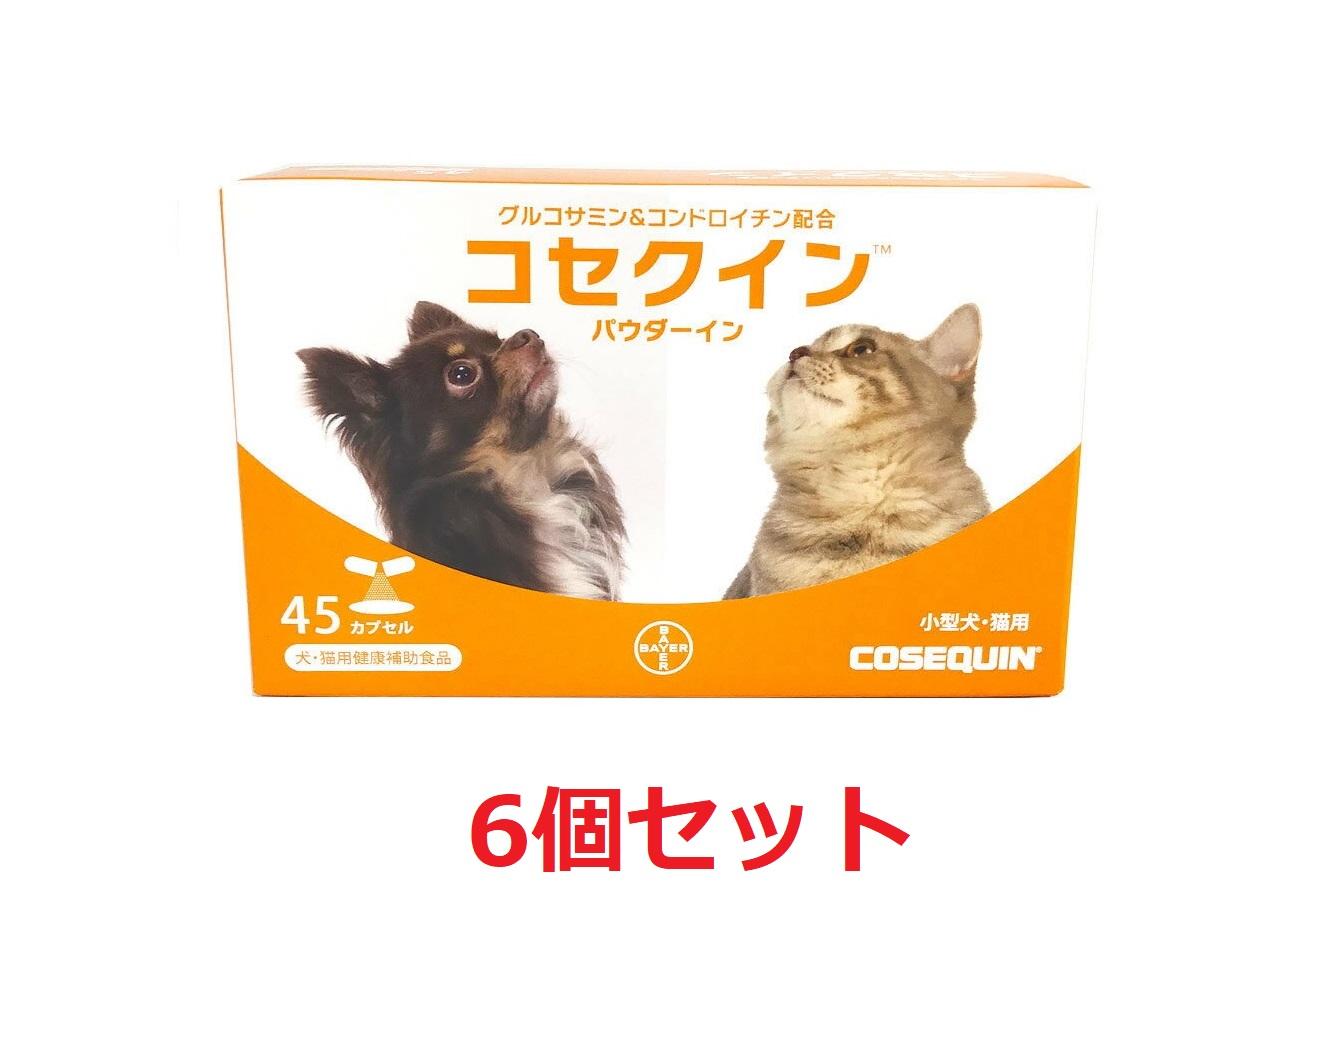 【コセクインパウダーイン 45×6個!】【45カプセル×6個!】犬猫【バイエル】コンドロイチン グルコサミン【サプリメント】